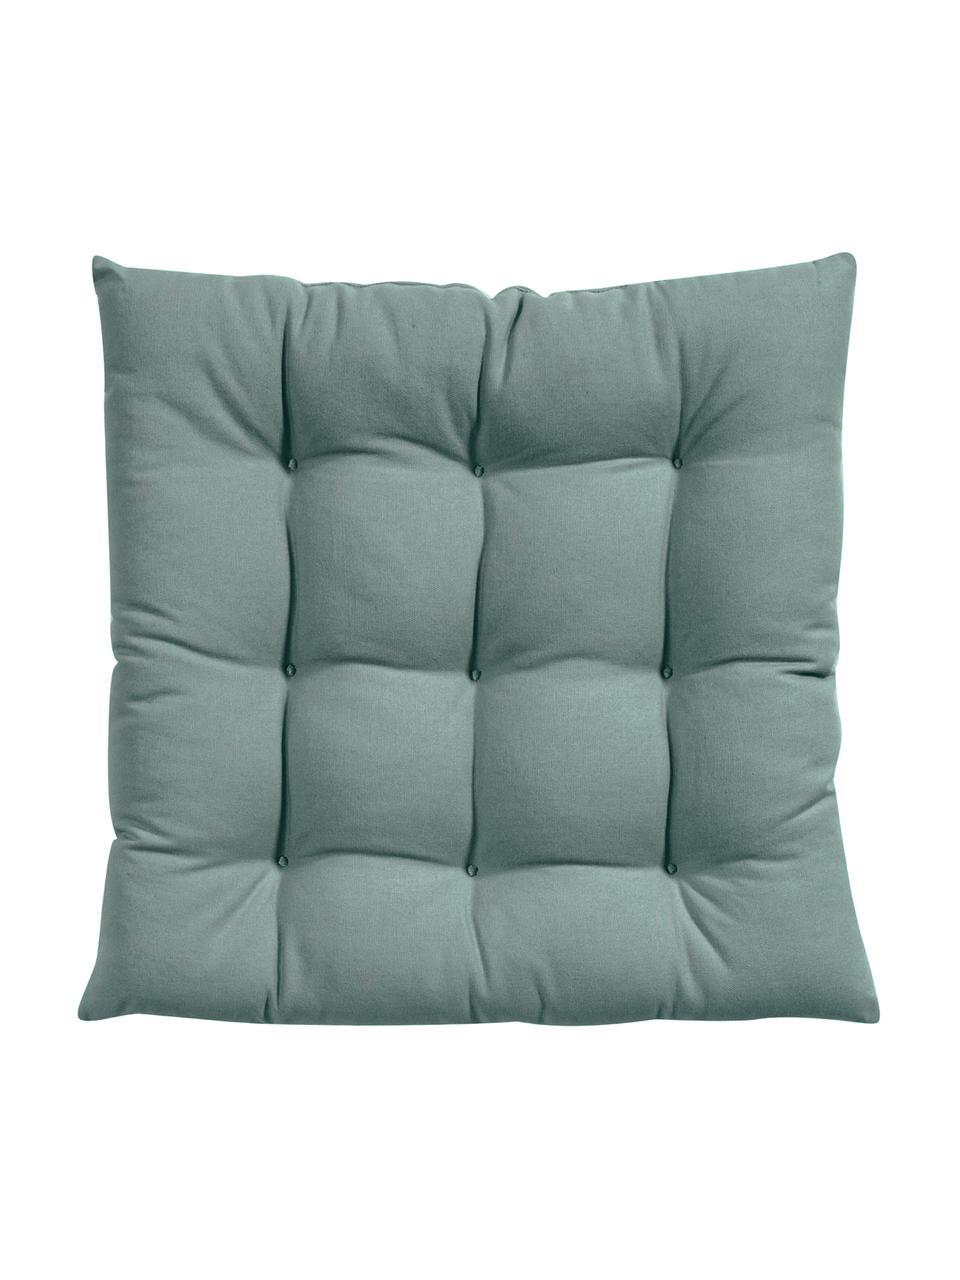 Sitzkissen Ava in Salbeigrün, Bezug: 100% Baumwolle, Grün, 40 x 40 cm